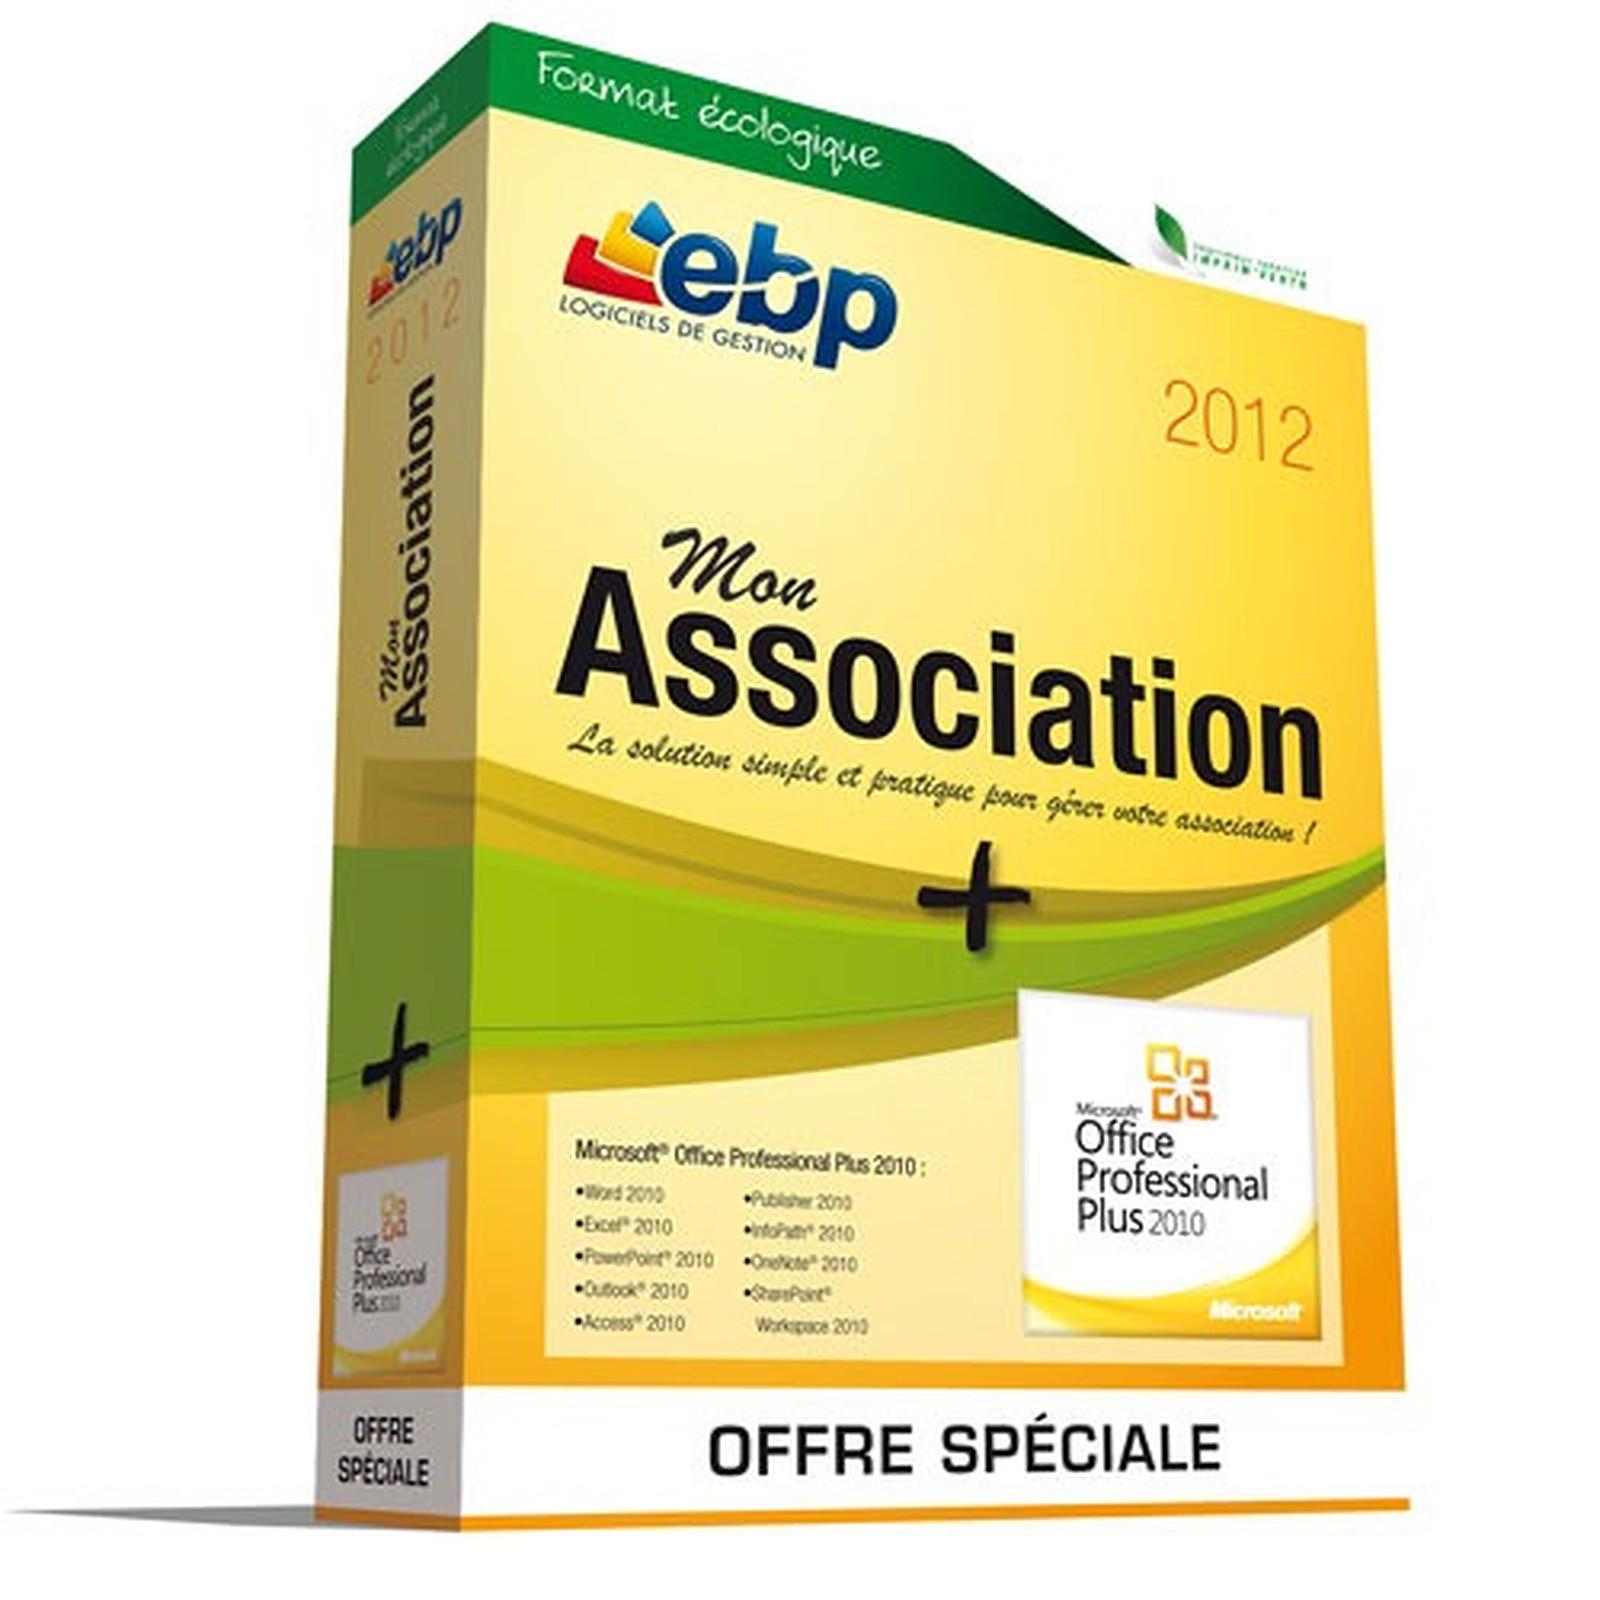 EBP Mon Association 2012 + Microsoft Office Professionnel Plus 2010